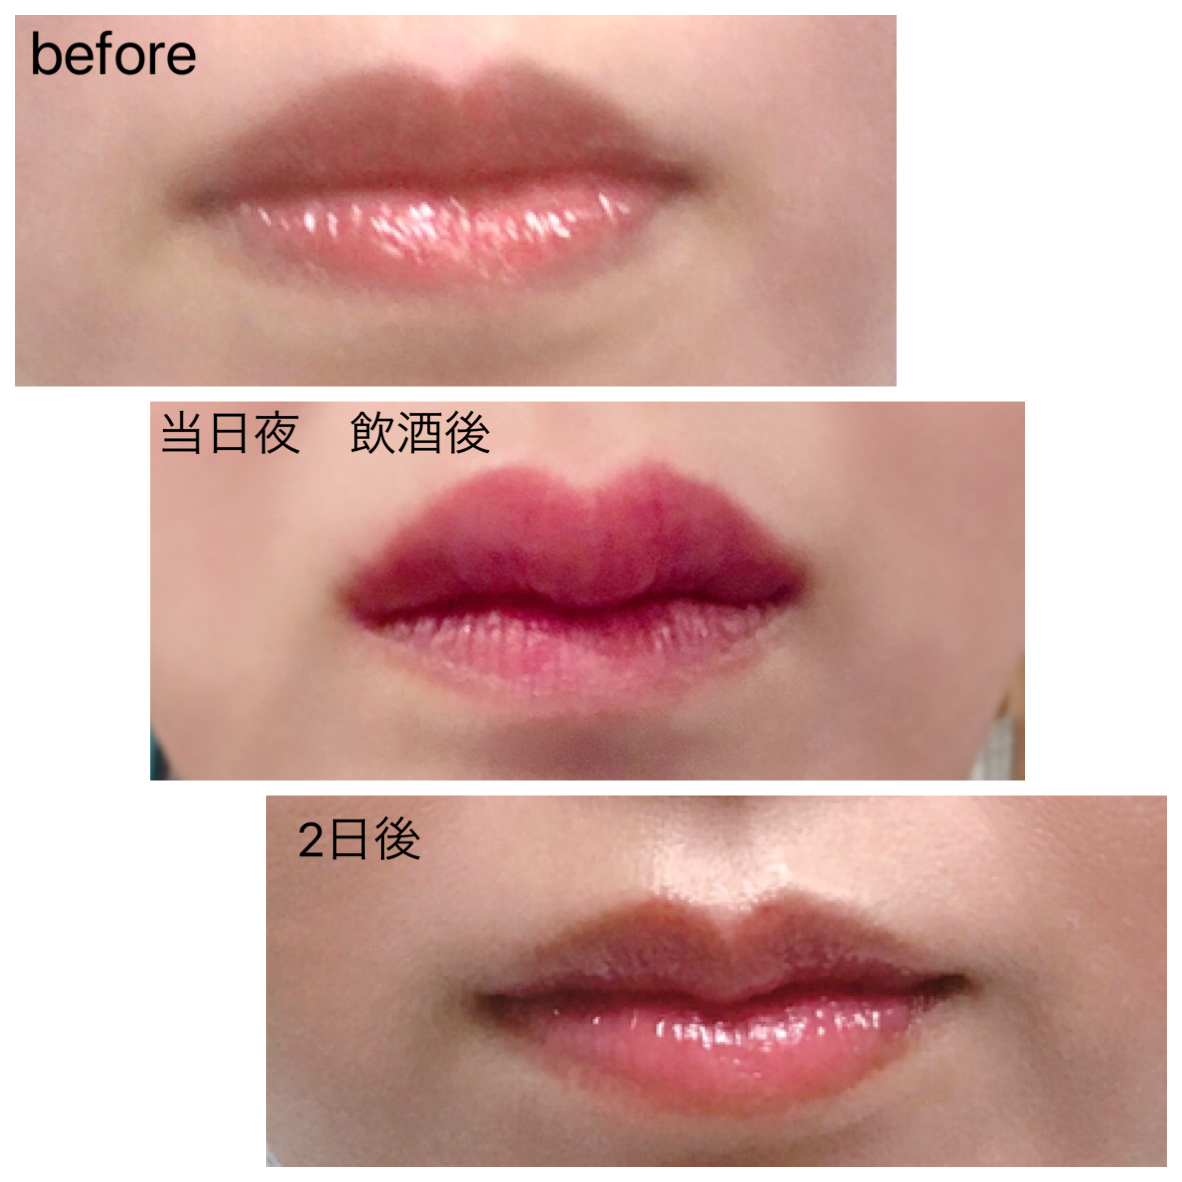 腫れ 唇 唇が腫れる原因・症状・治す方法・アレルギー・何科を受診すればいいのか